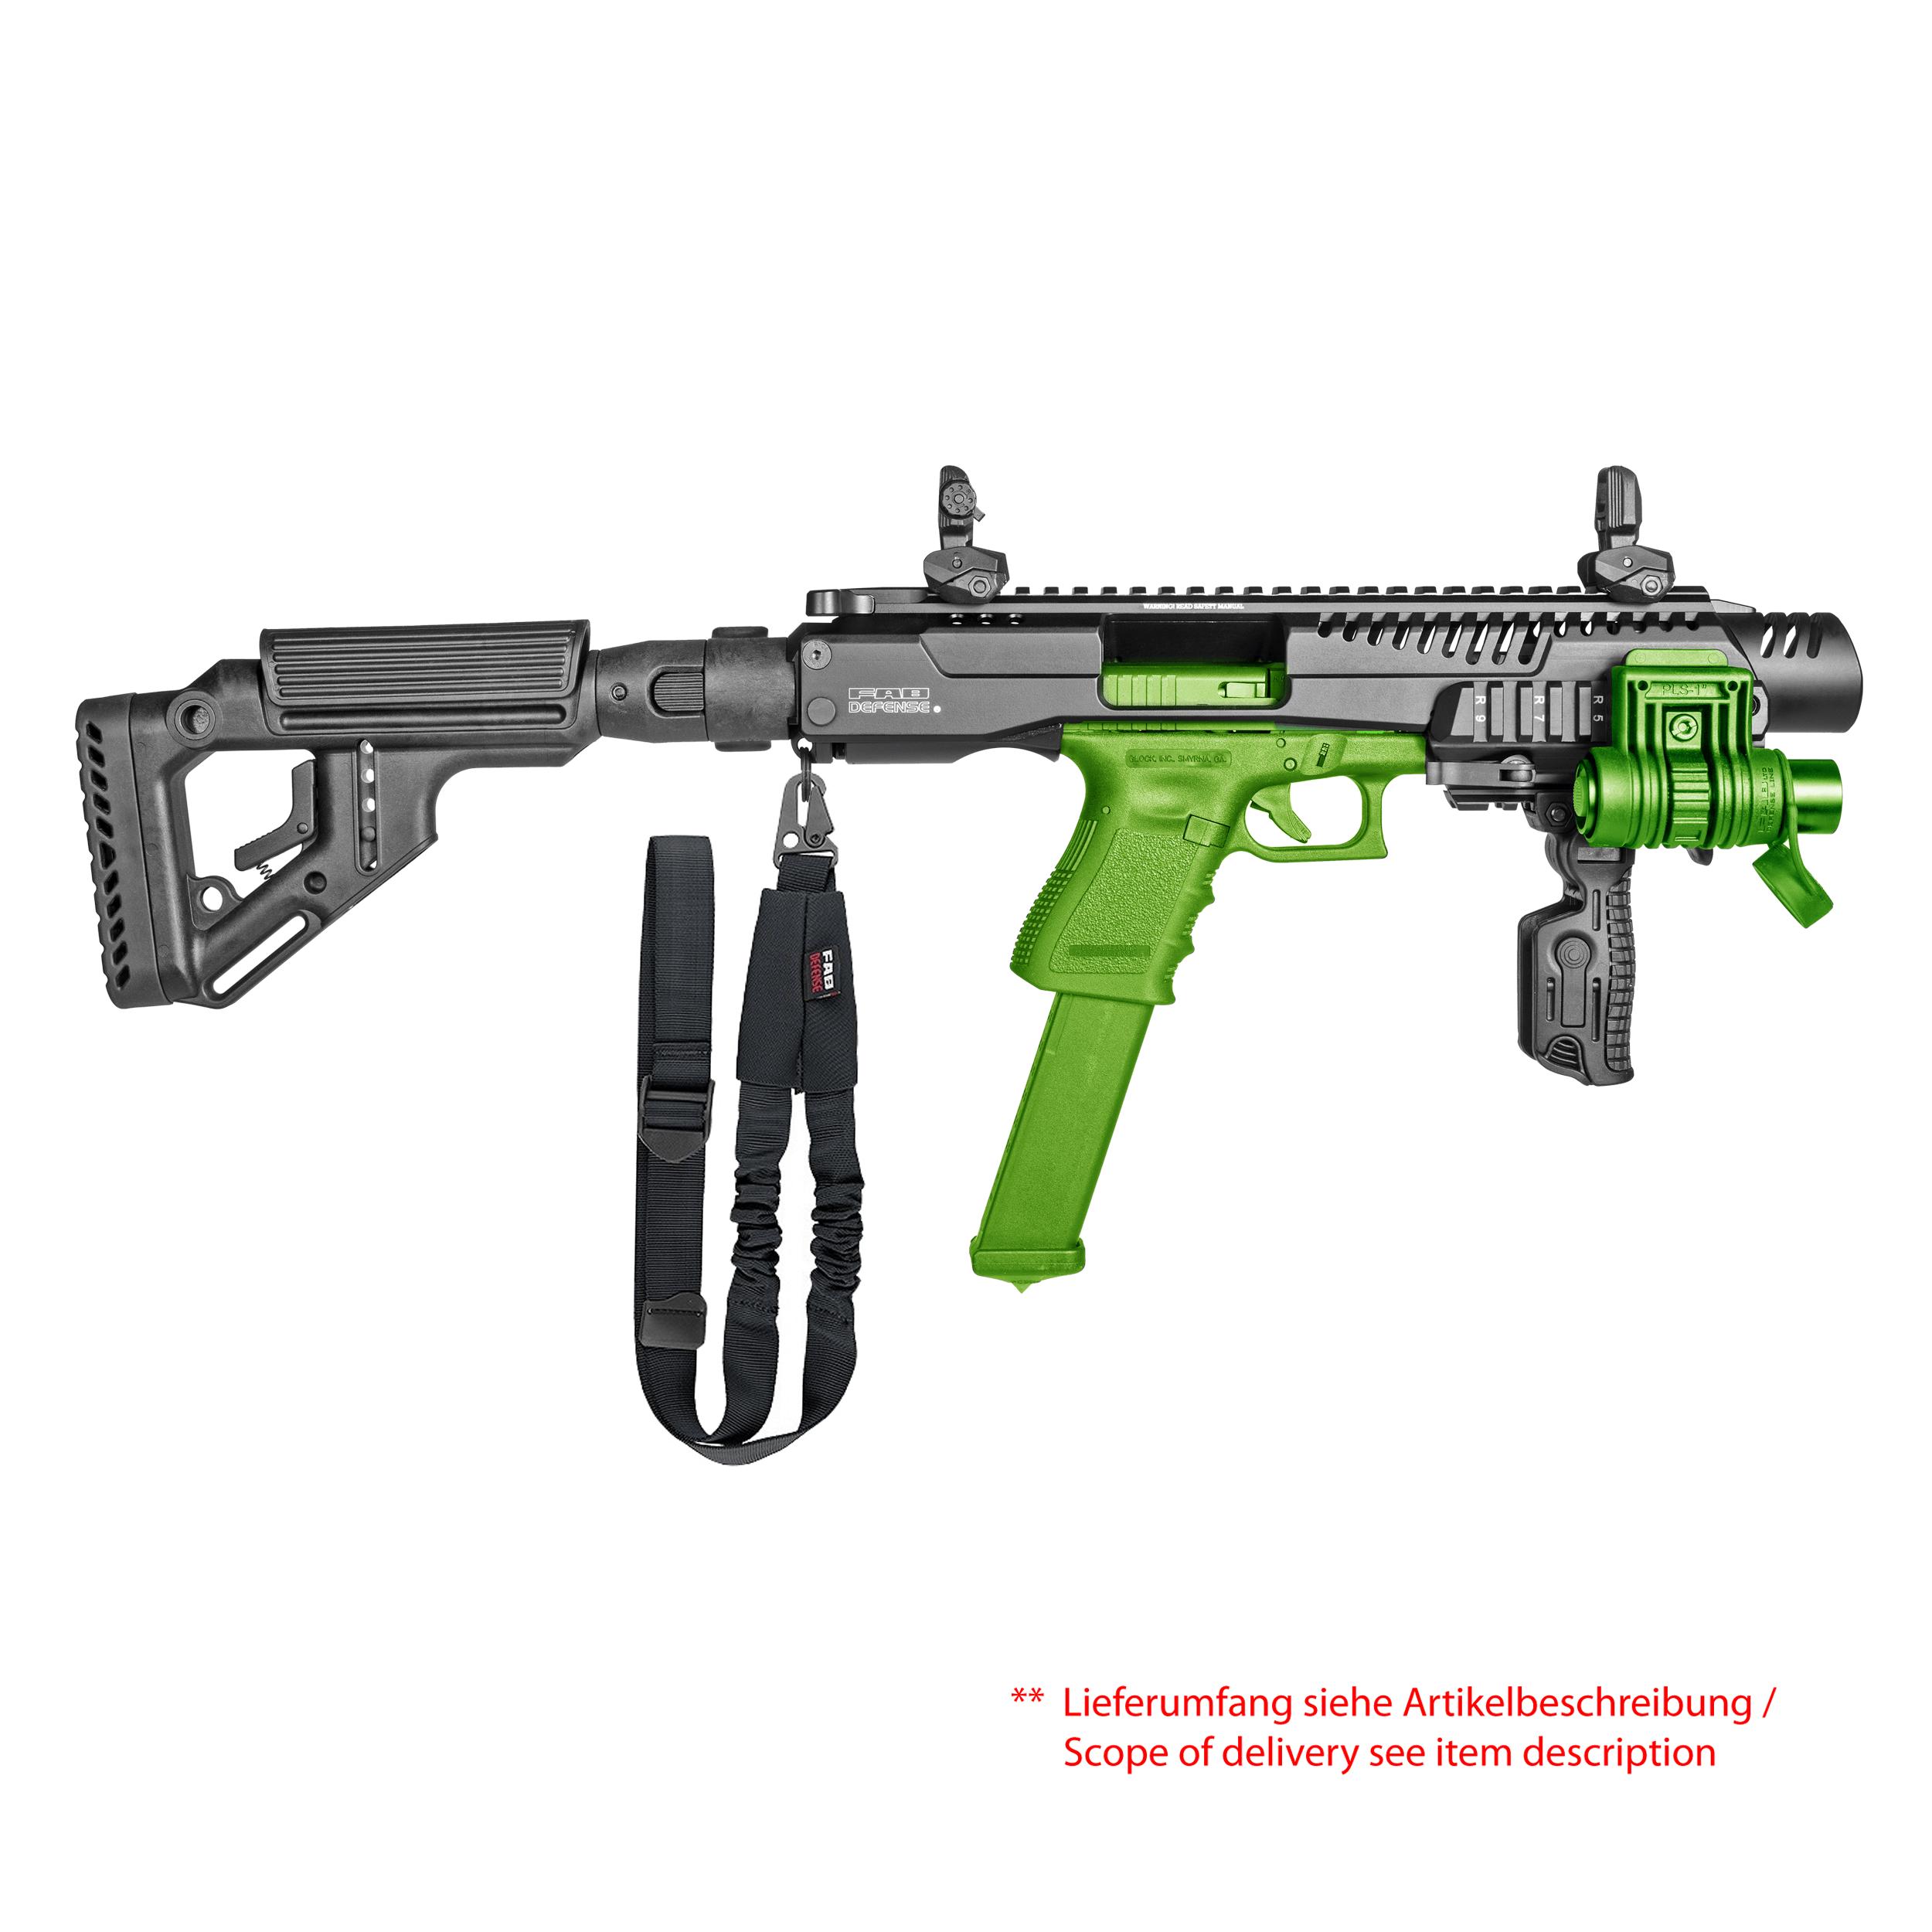 KPOS G2/Delta Glock 21